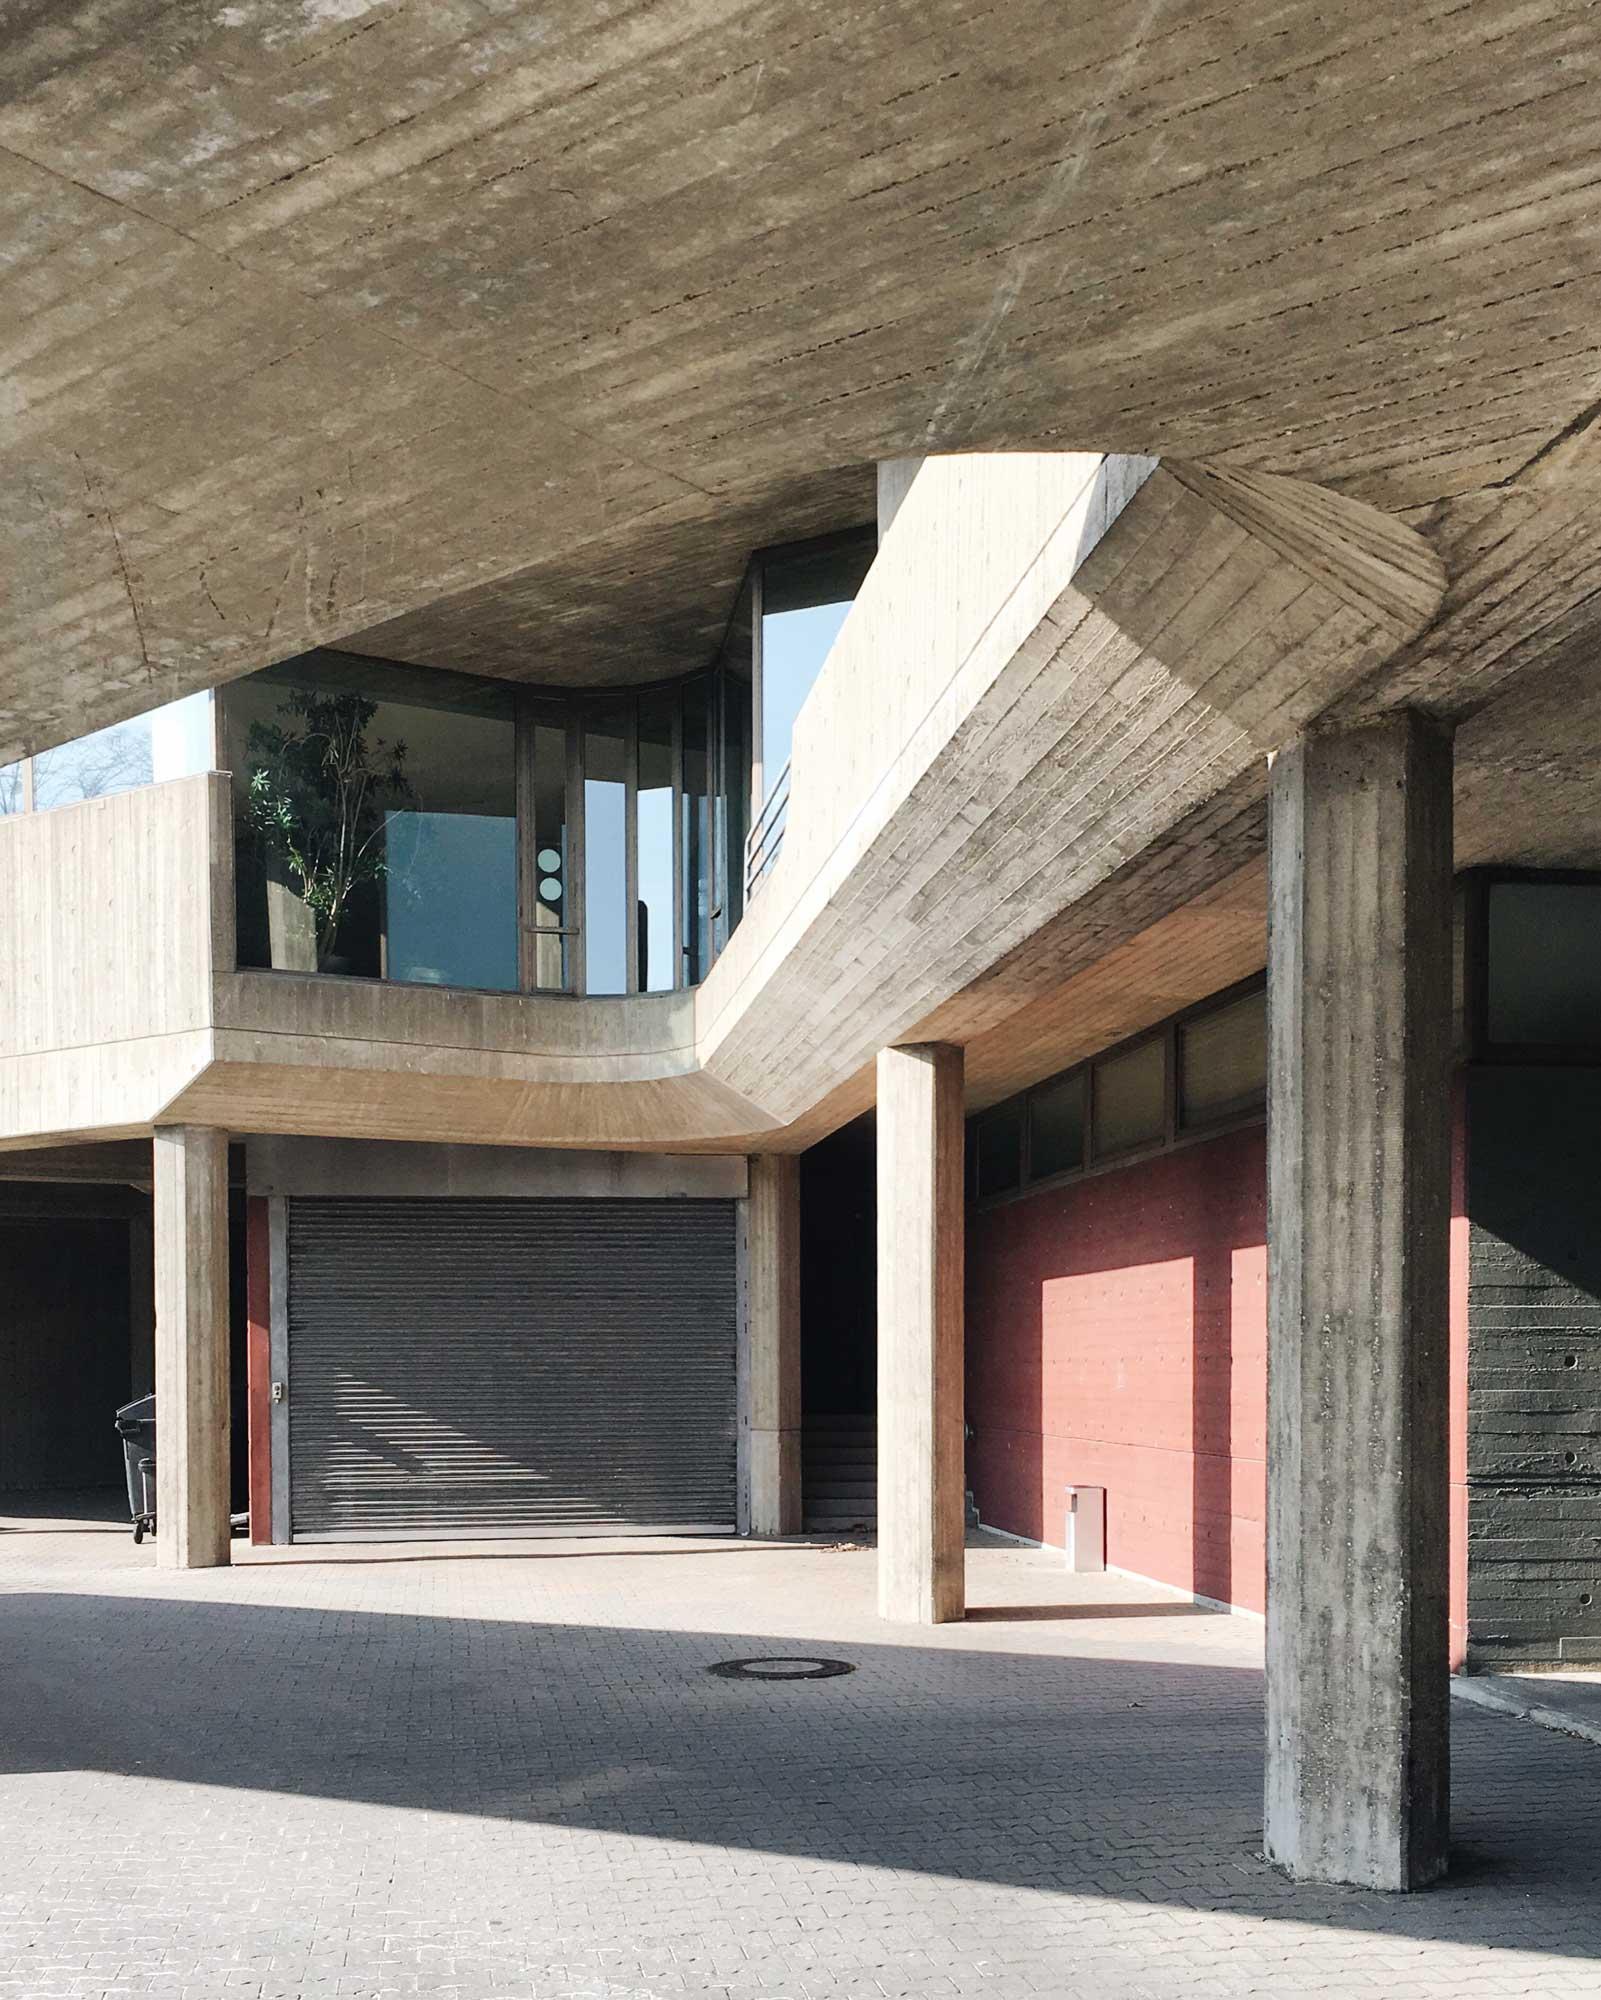 acanthus benjamin franklin institute brutalism in berlin